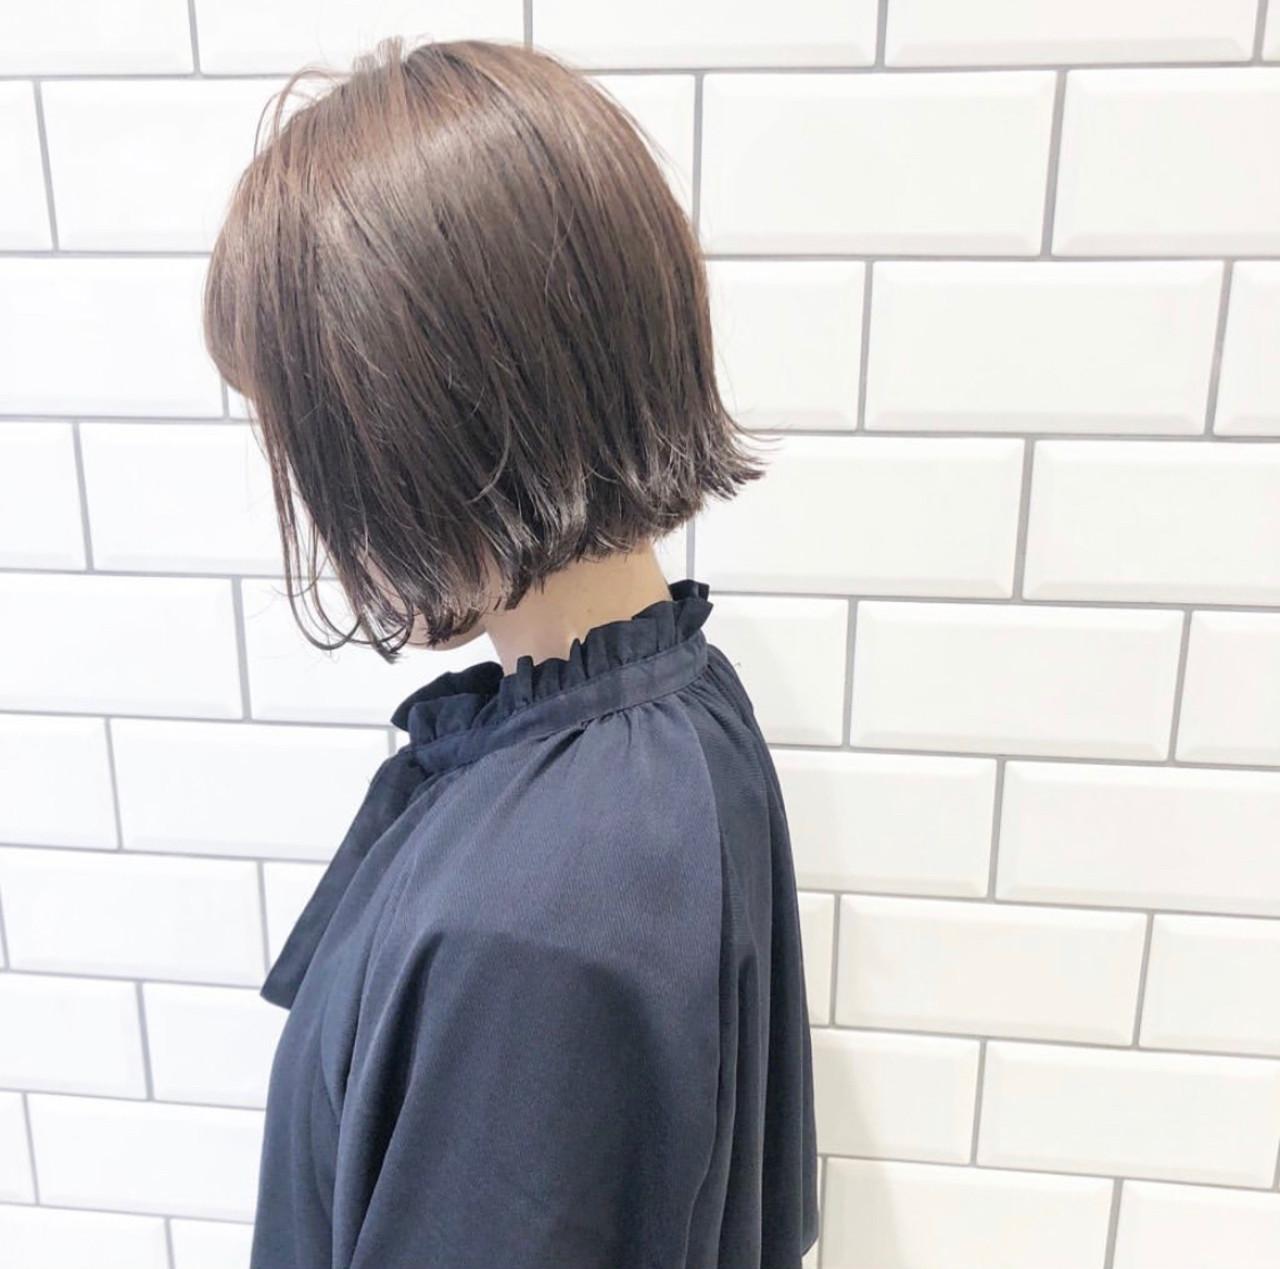 ミニボブ ボブ ベリーショート ナチュラル ヘアスタイルや髪型の写真・画像 | 牧嶋 晃太郎 / LILAS by costes